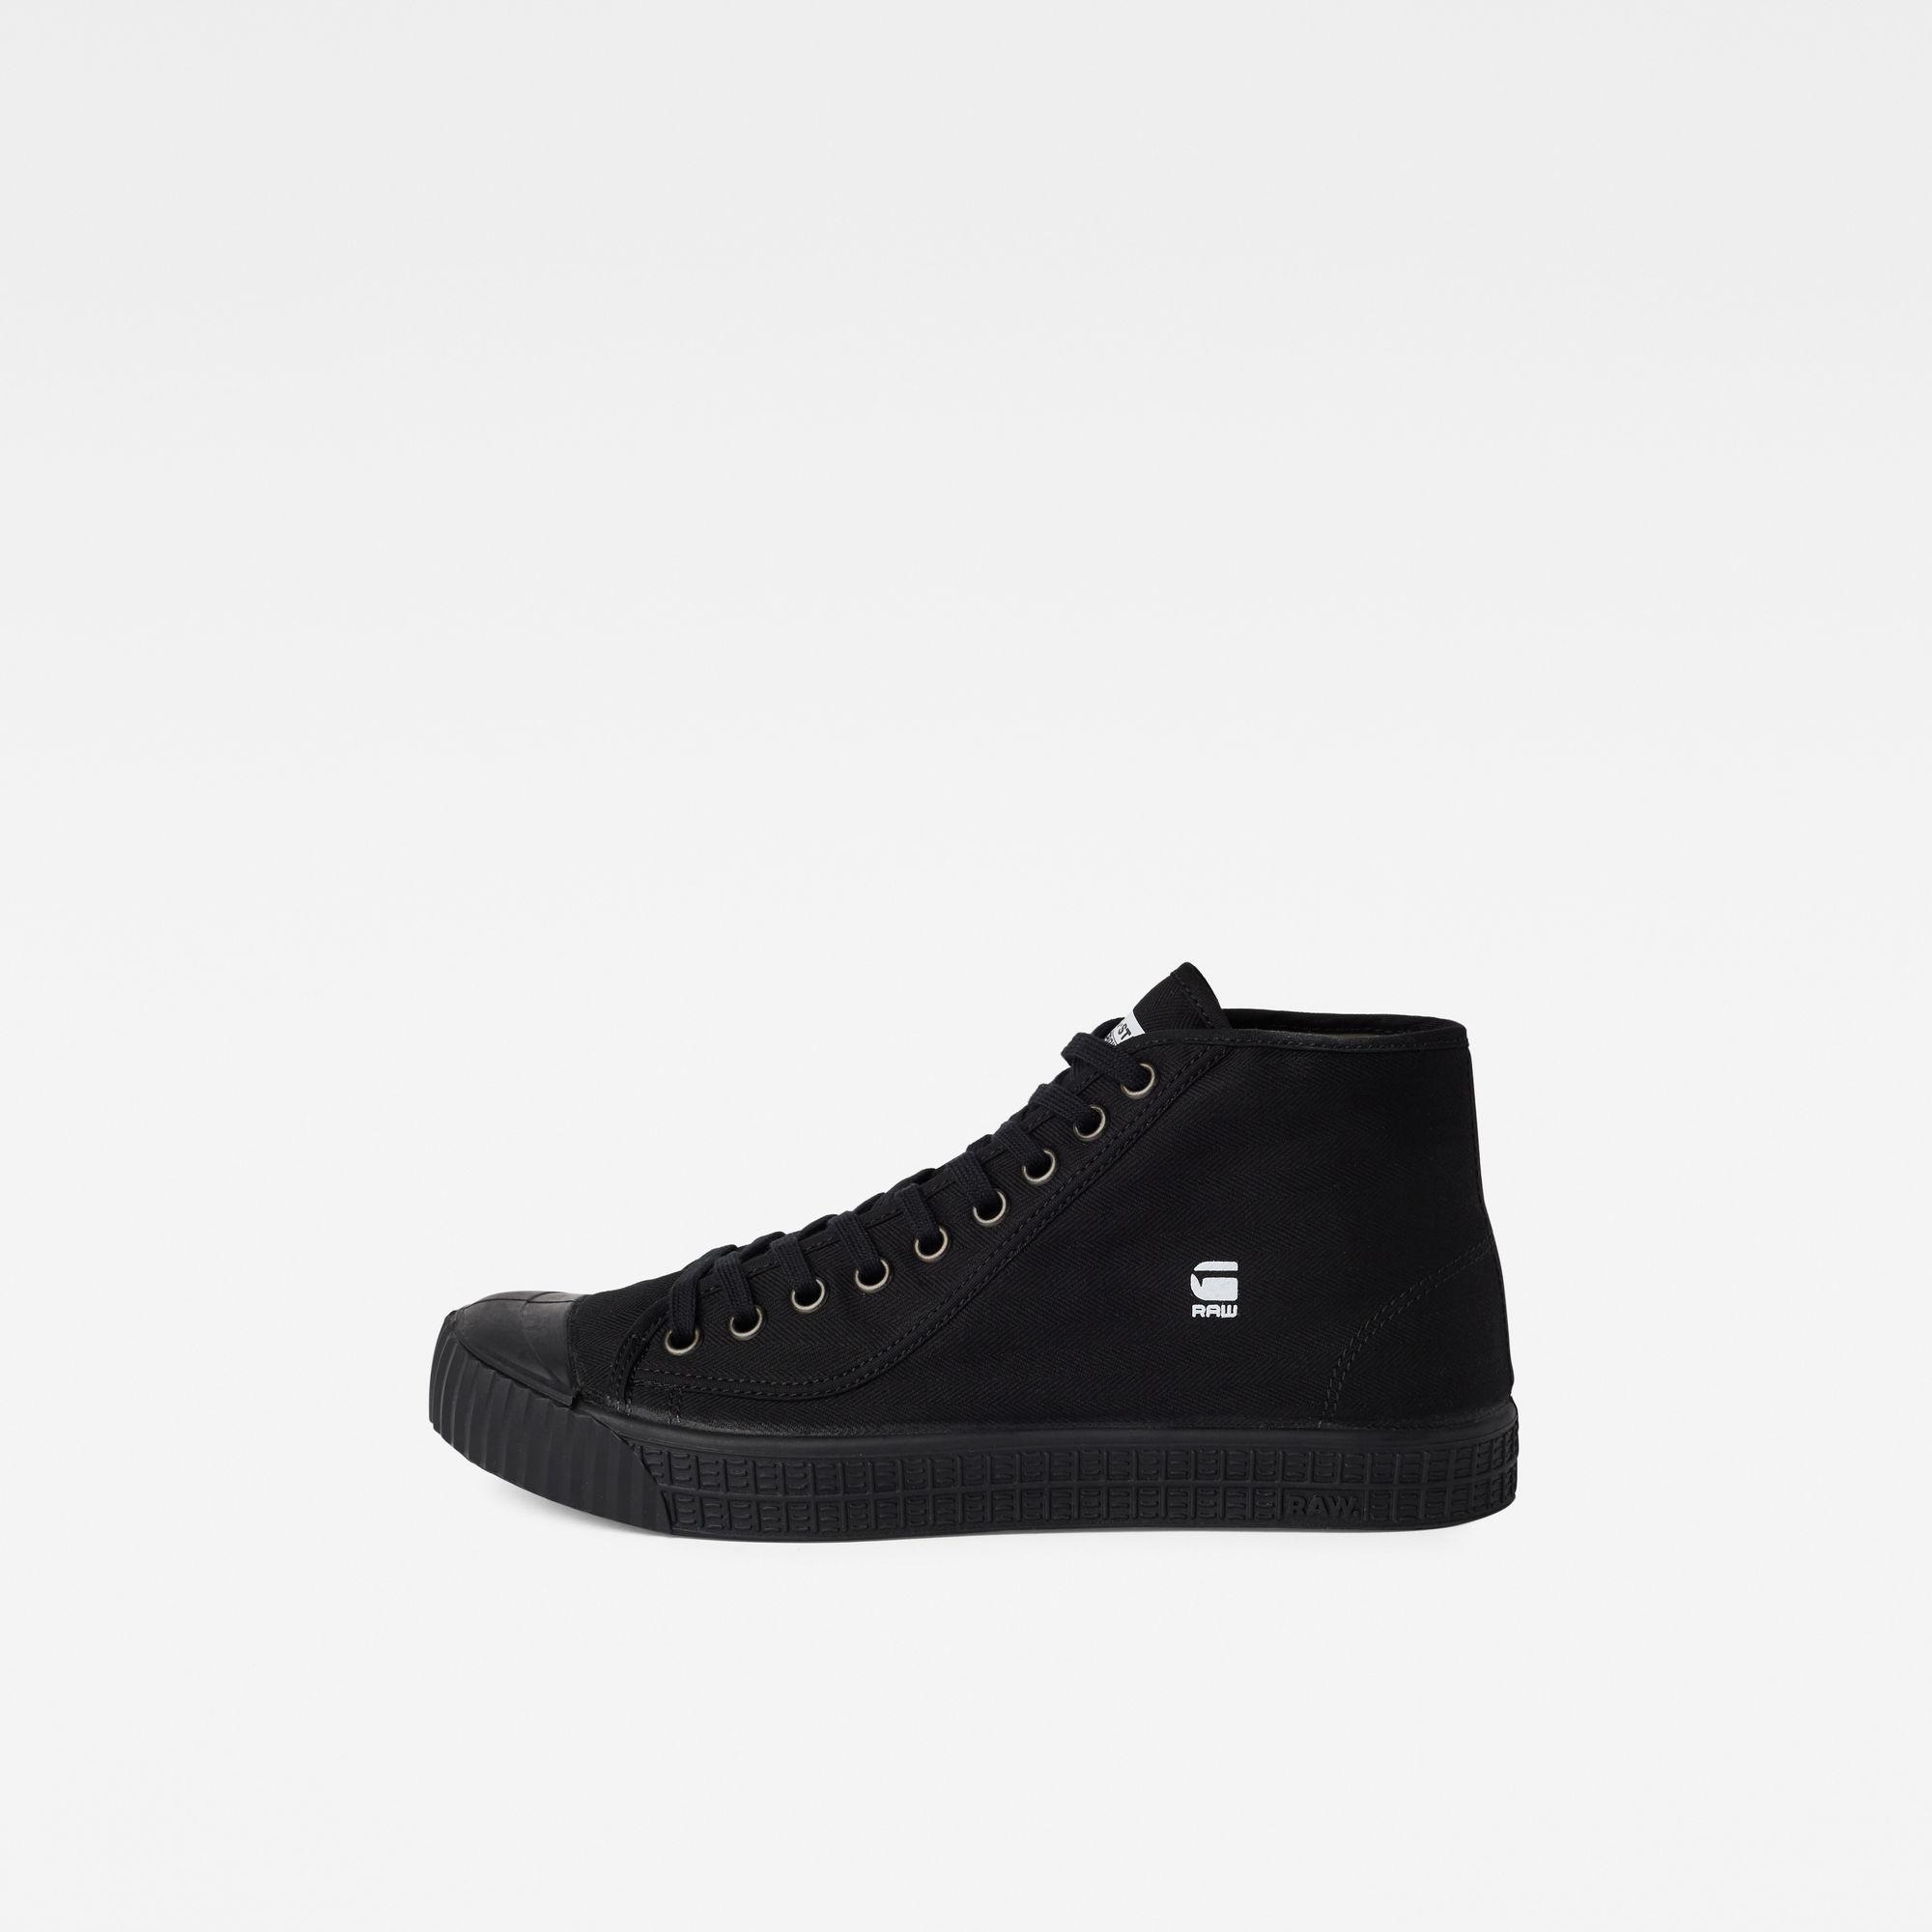 G-Star RAW Heren Rovulc HB Mid Sneakers Zwart